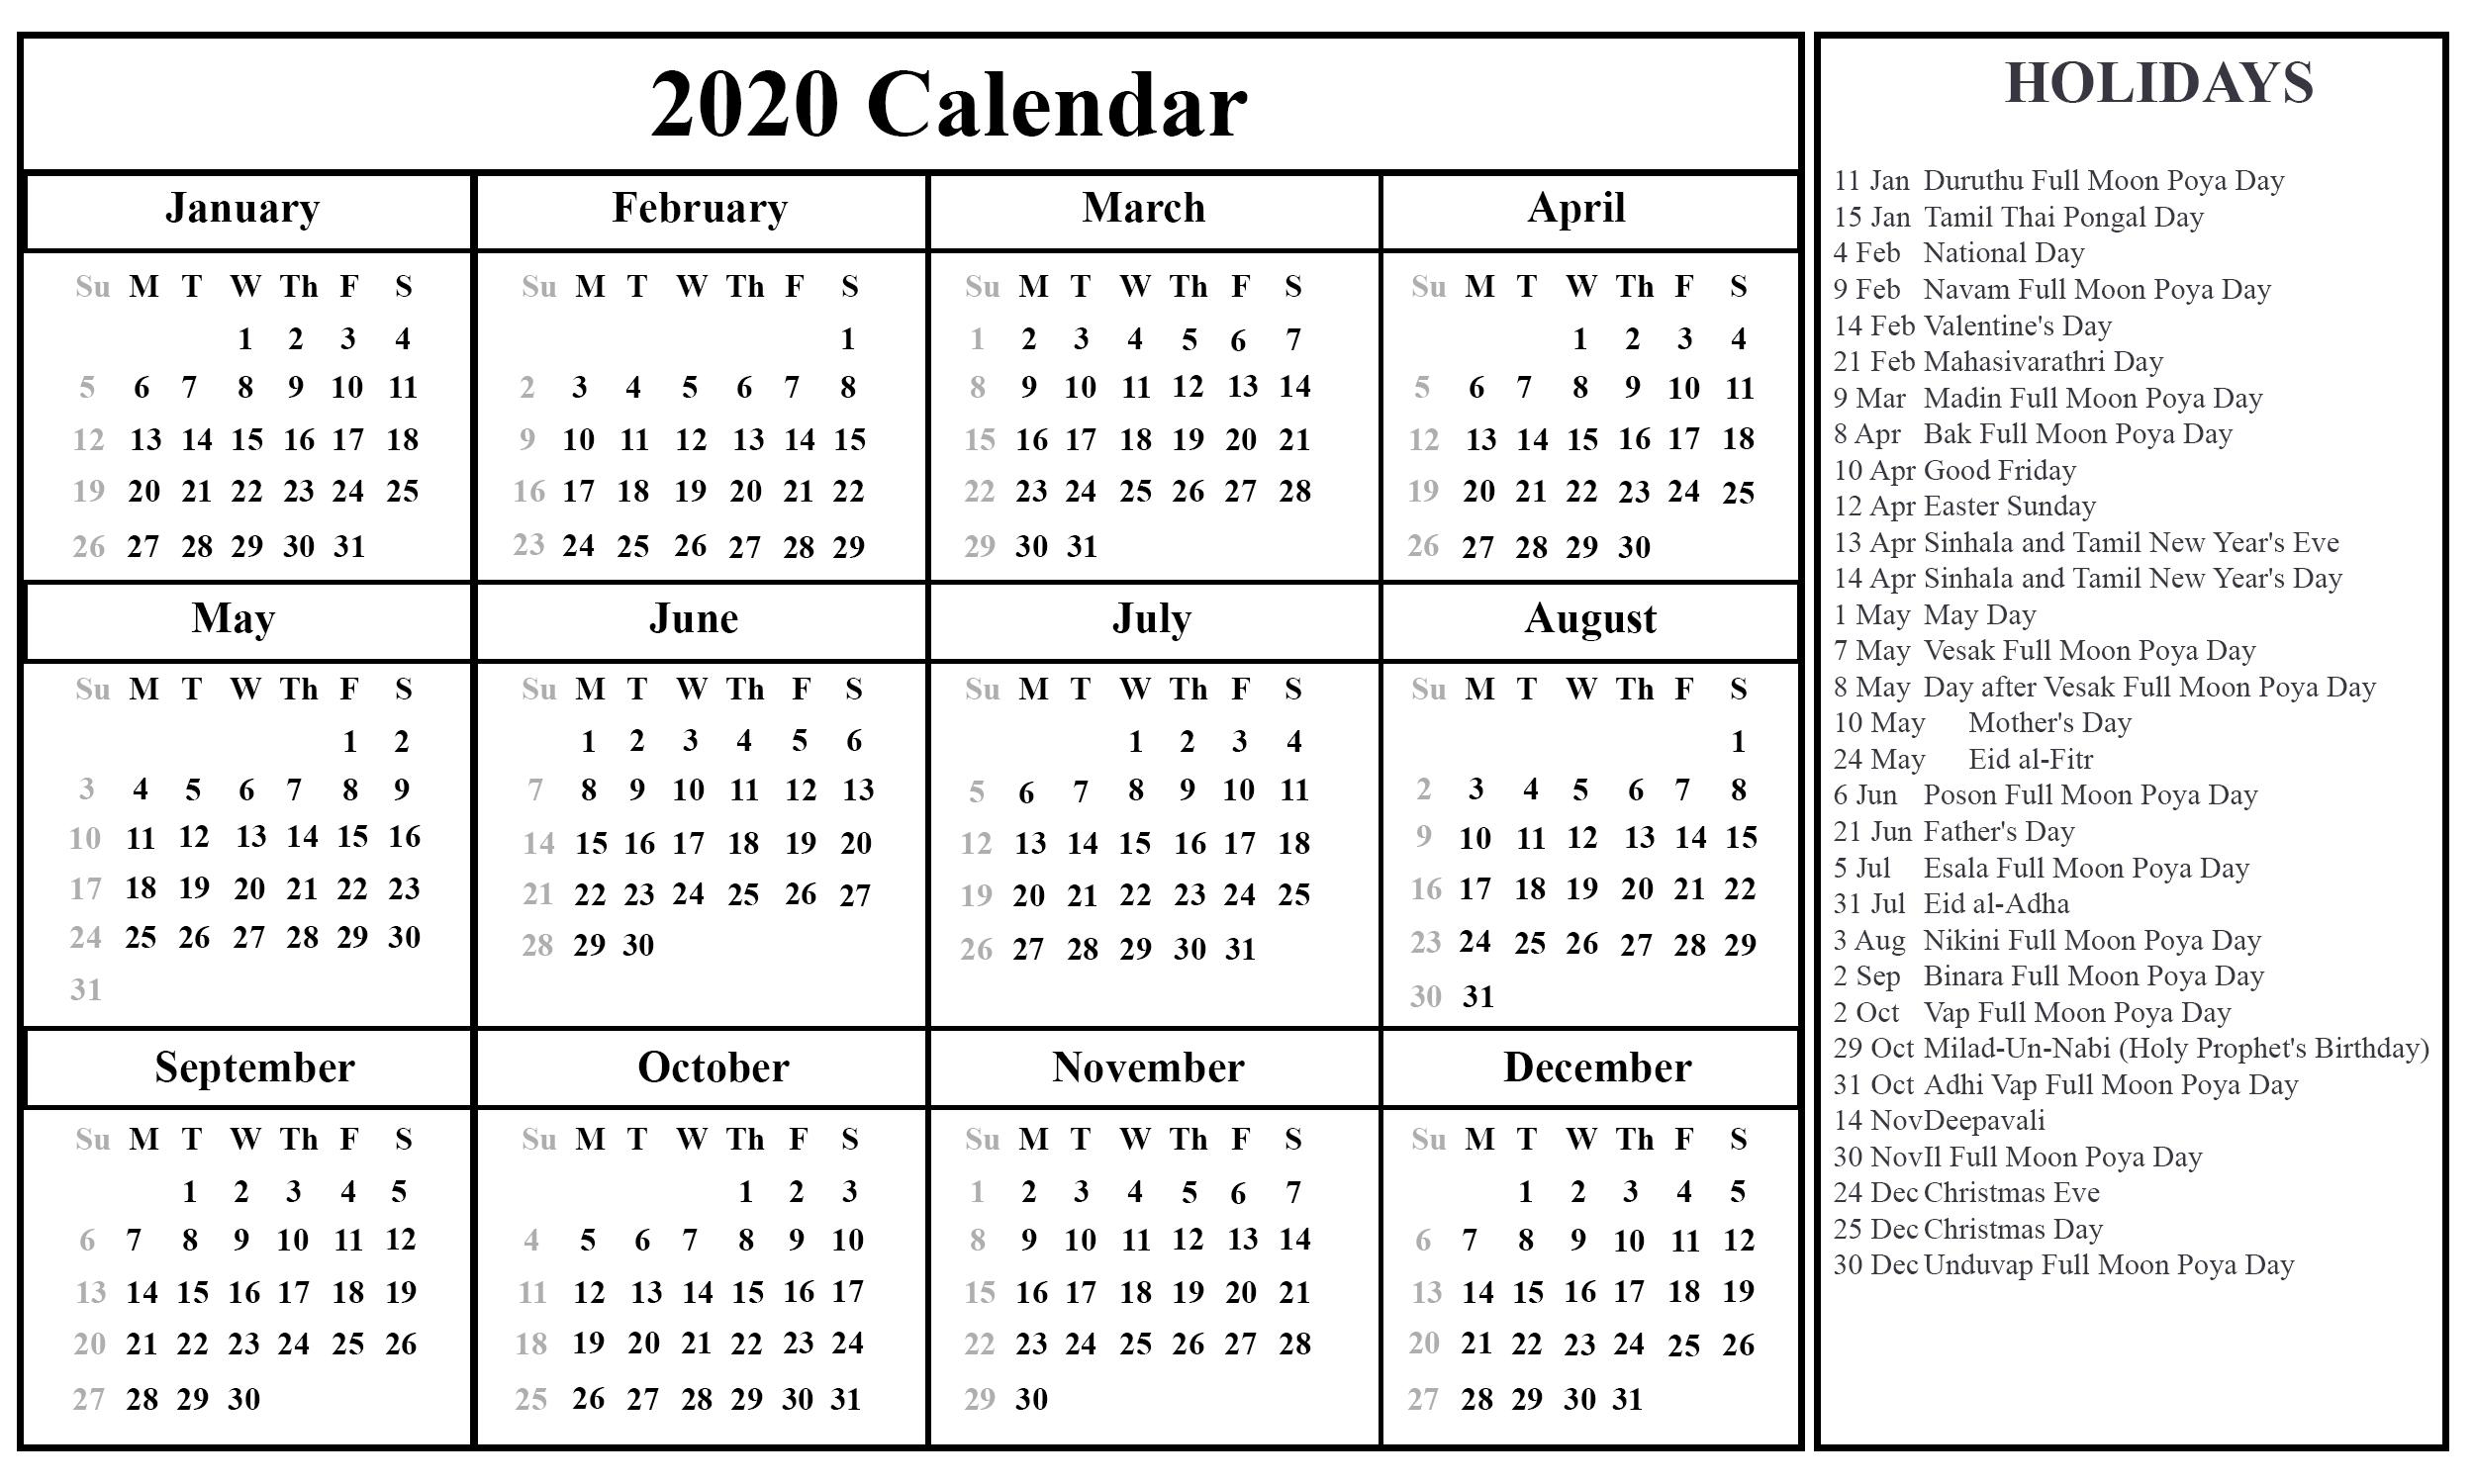 Free Printable Sri Lanka Calendar 2020 With Holidays In Pdf Impressive 2020 Calendar Holidays Sri Lanka